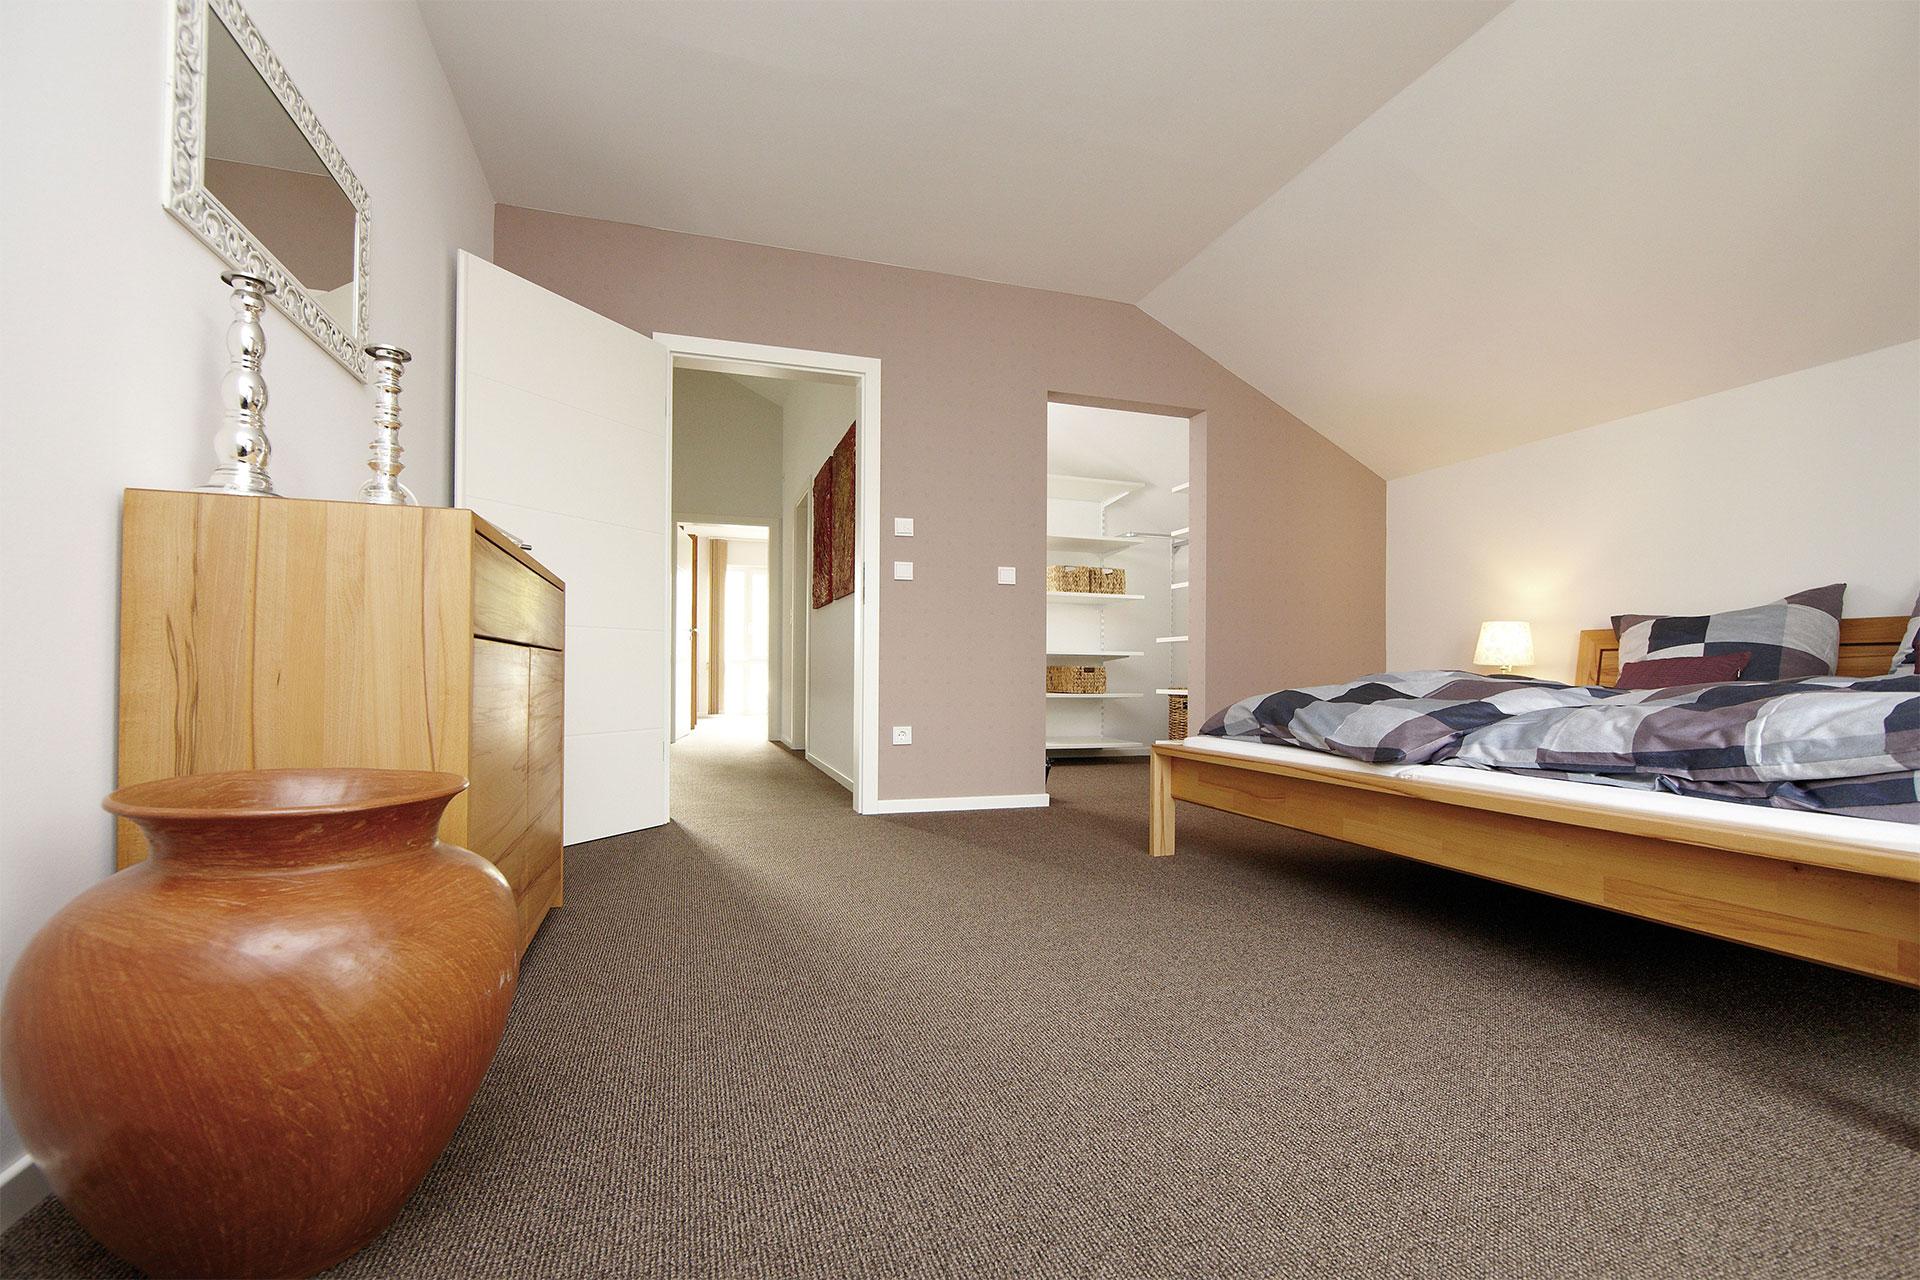 Schlafzimmer Mit Ankleidezimmer Modell   Rockydurhamcom